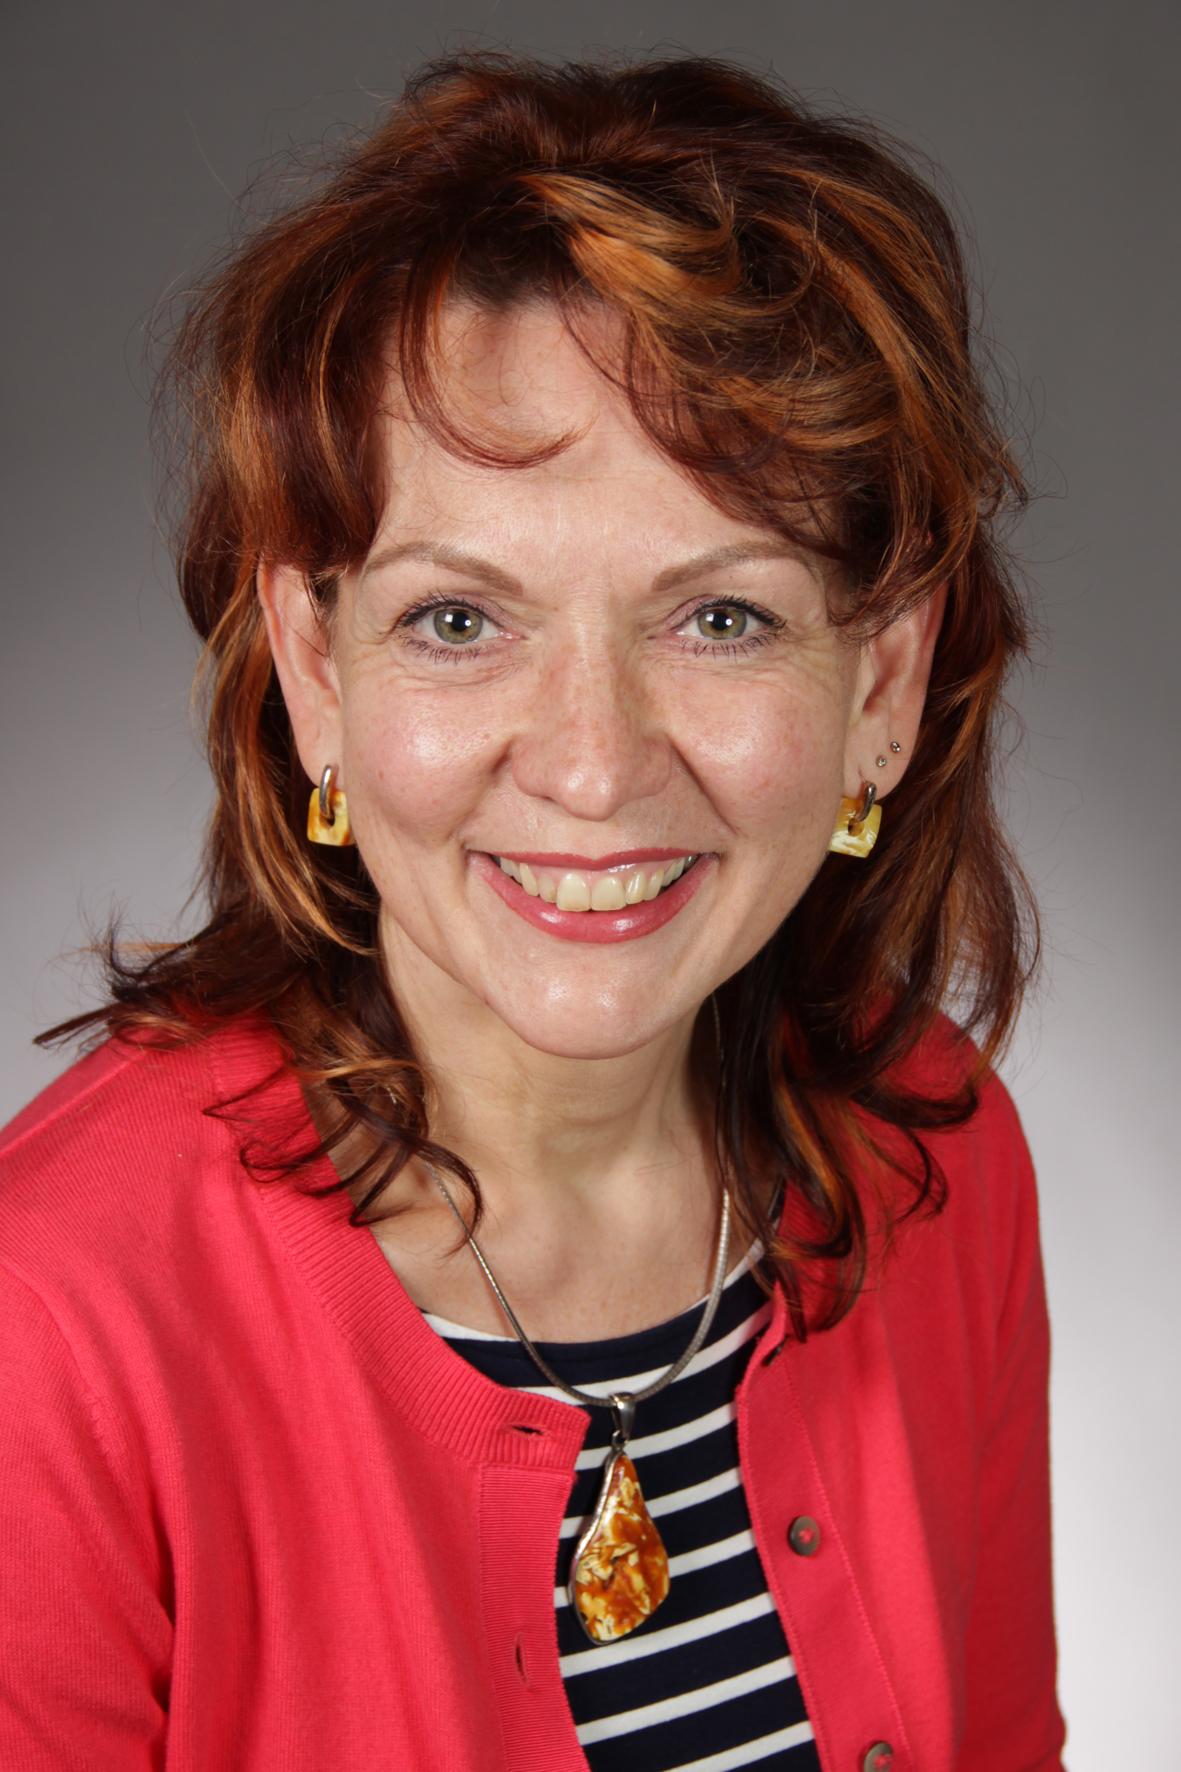 Dr.-Ing. Claudia Scholta